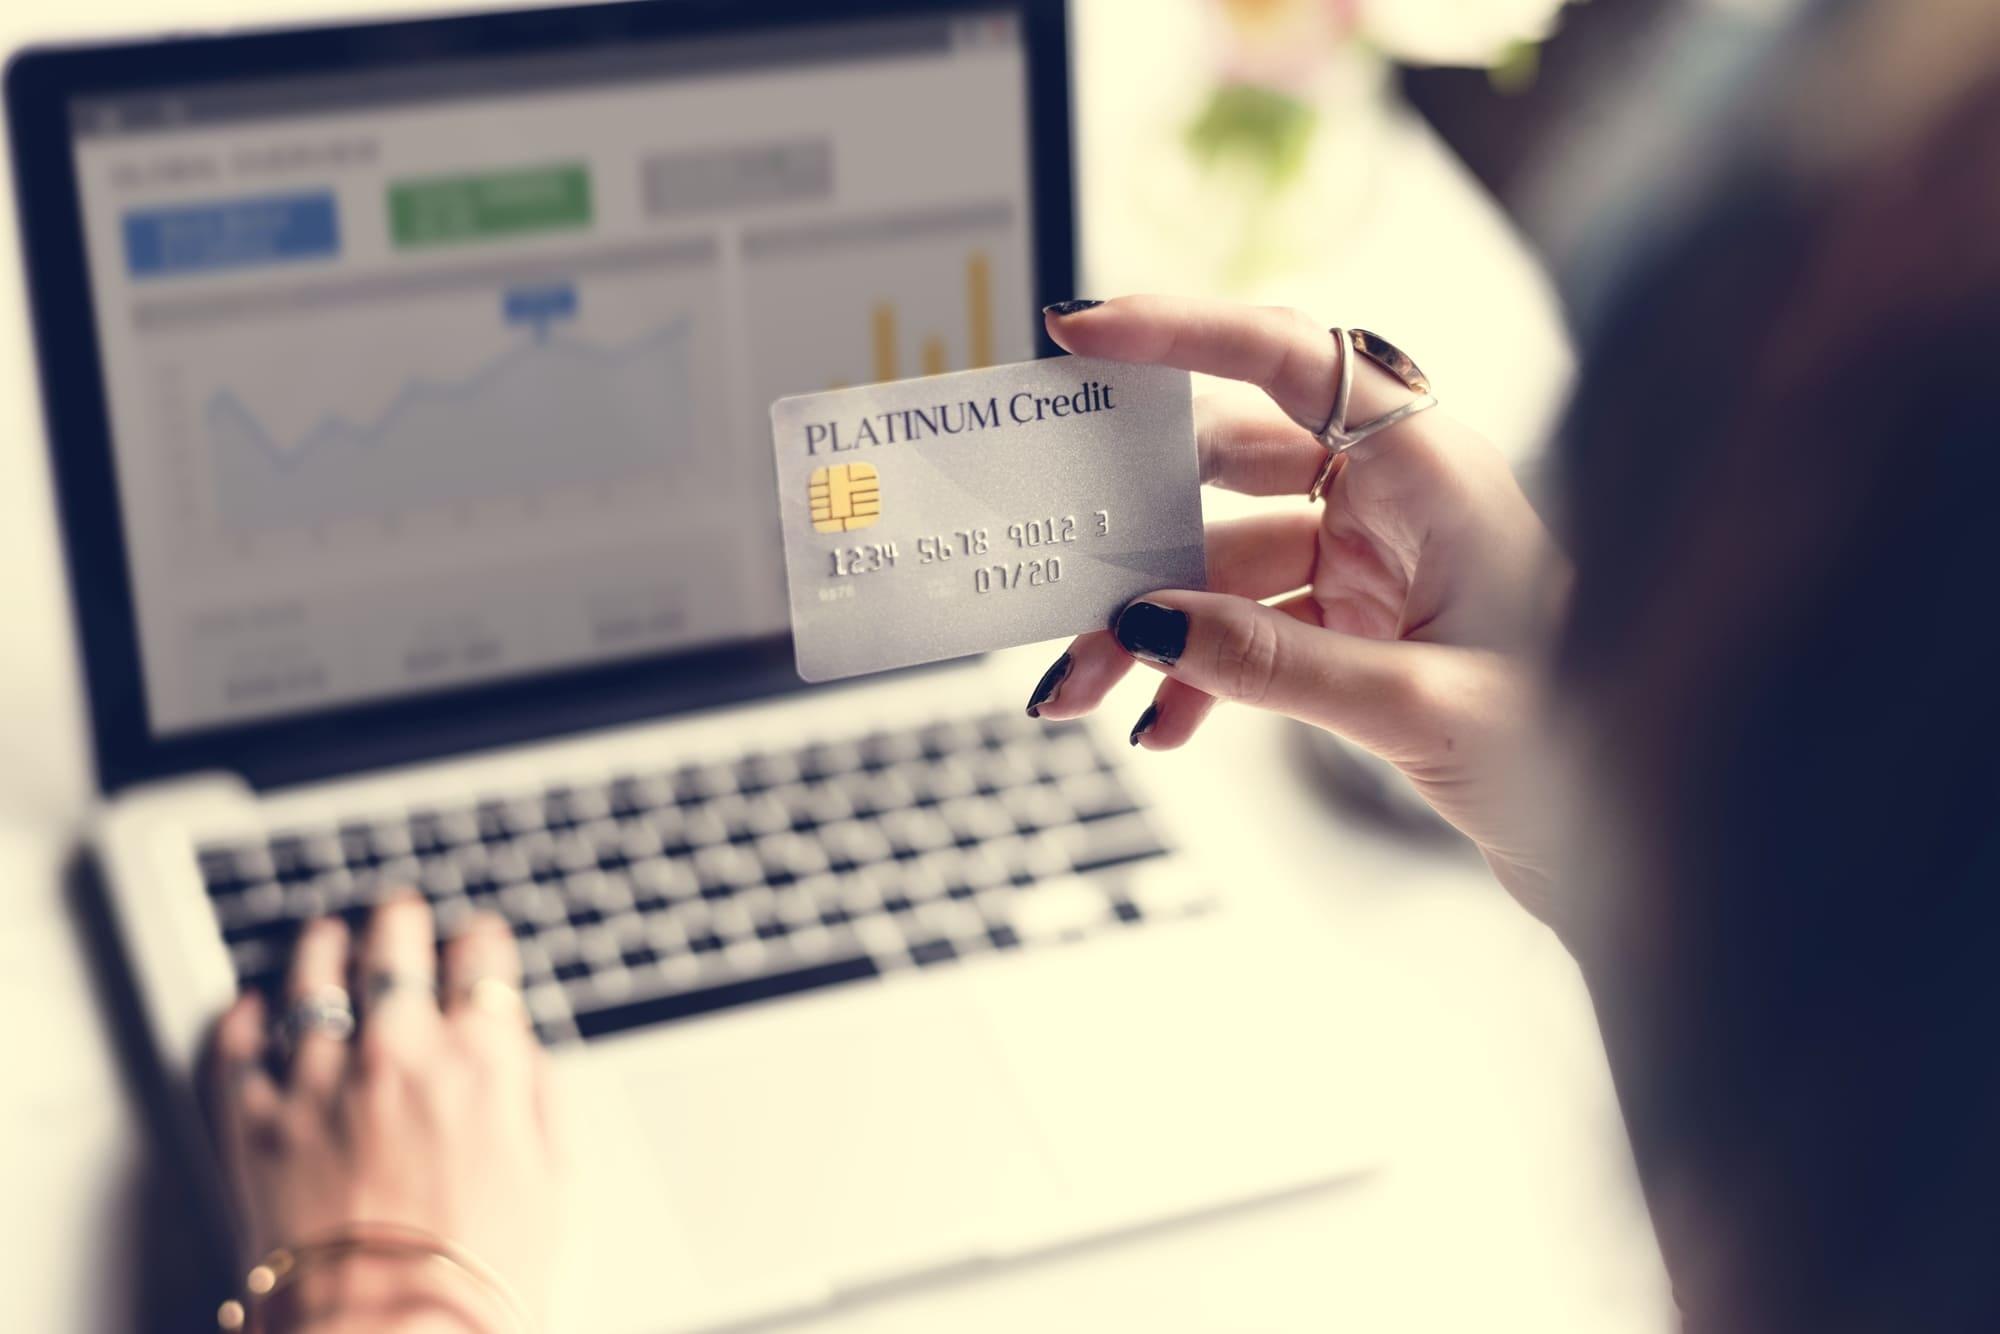 アメリカン・エキスプレス・ビジネス・プラチナ・カードのメタル製カード登場!最高級の質感とメリットとは?